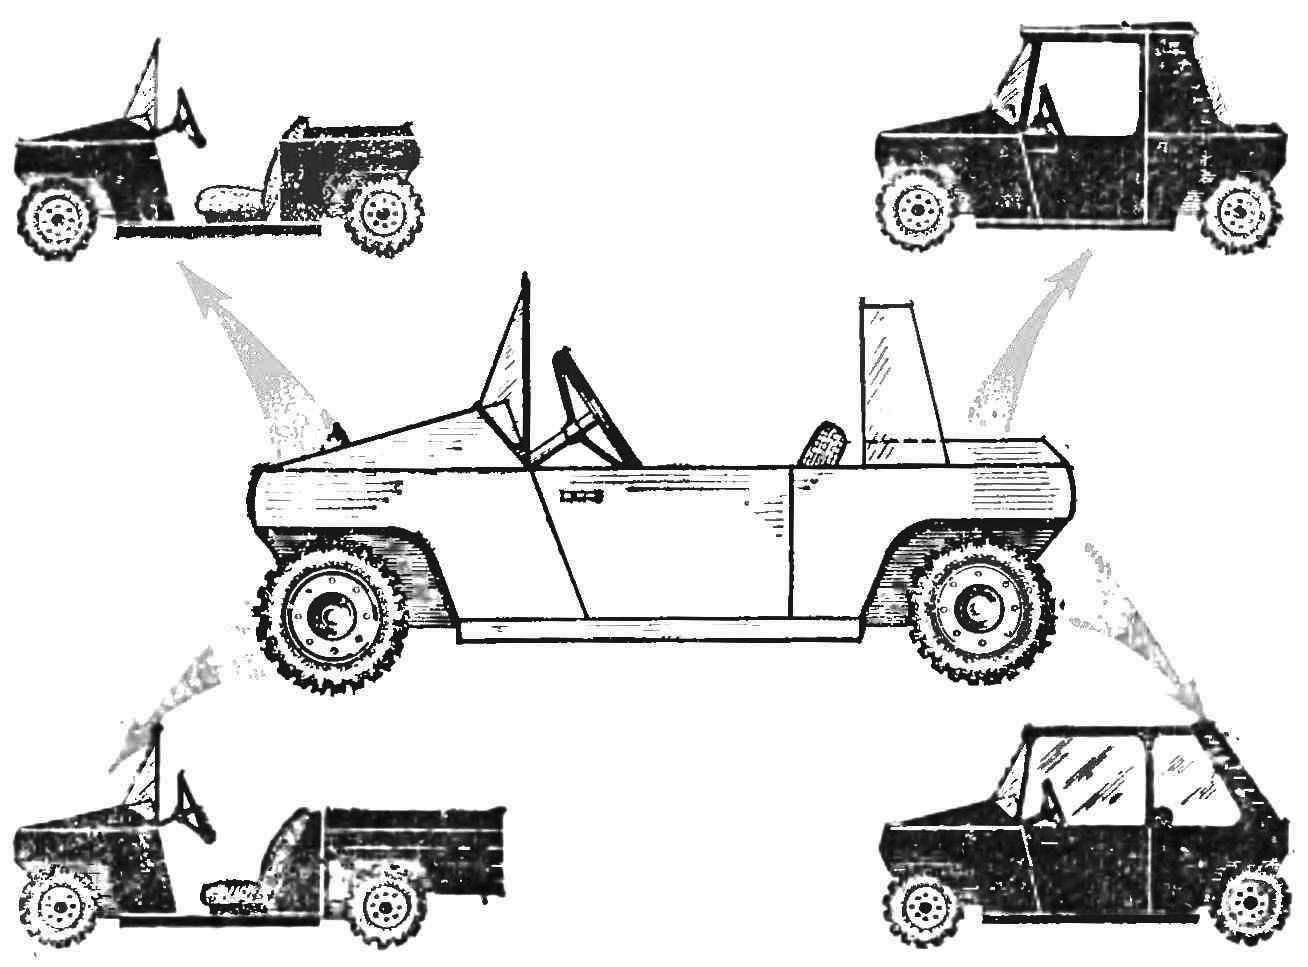 Такими могут быть некоторые из вариантов микроавтомобиля.